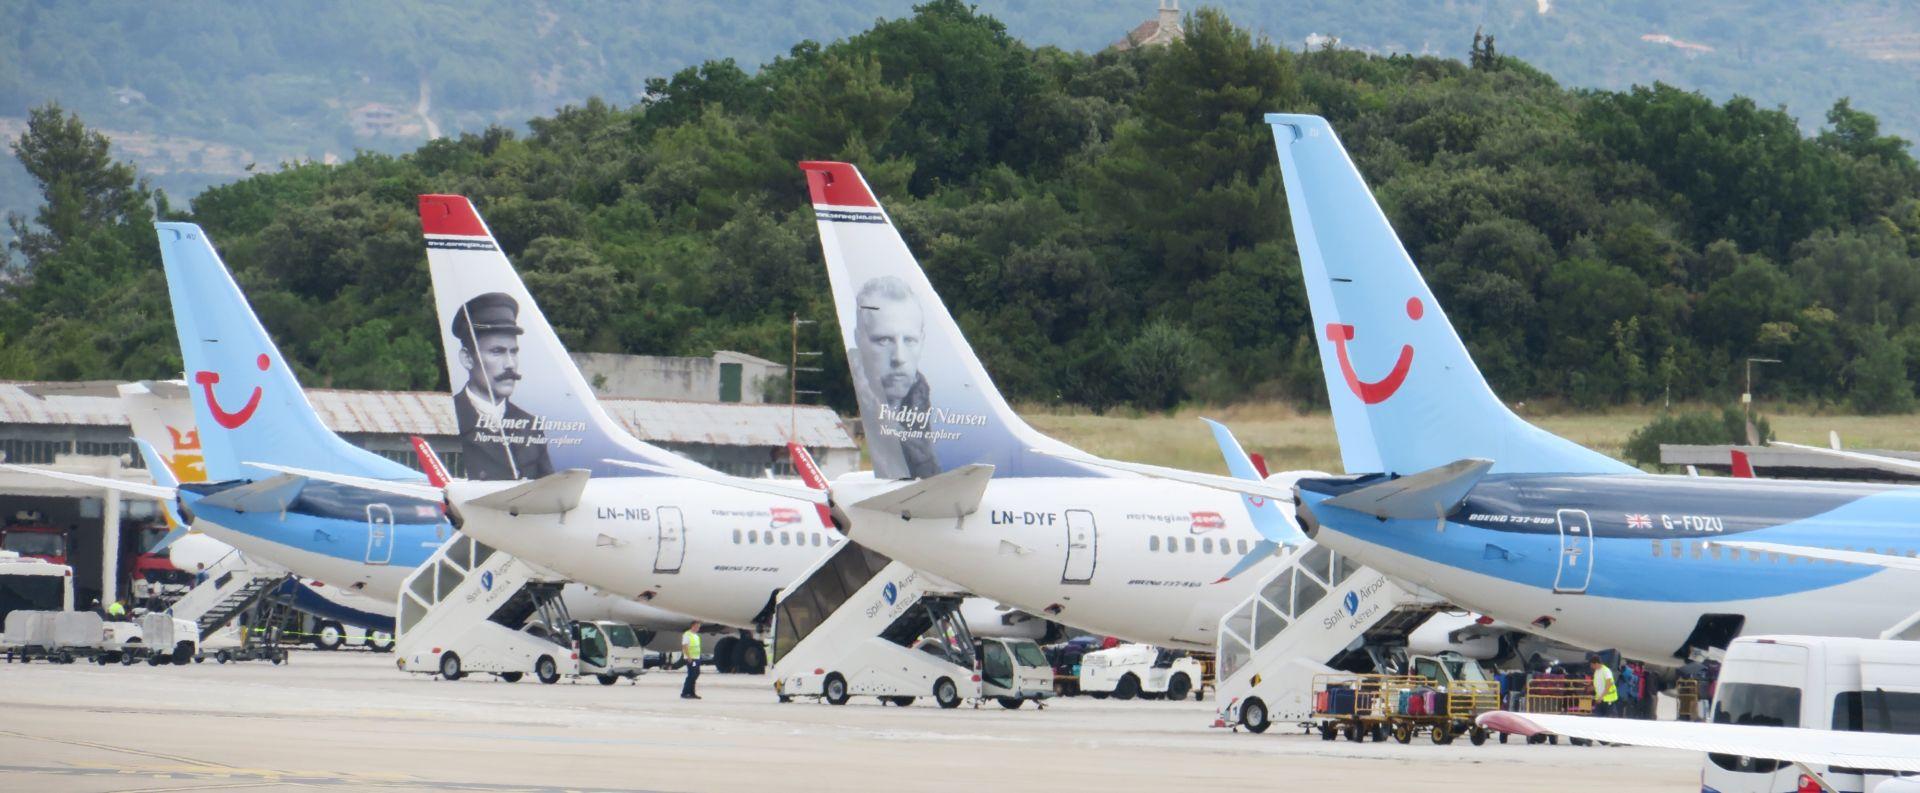 HGK: Hrvatski aerodromi bilježe najviše putnika u povijesti